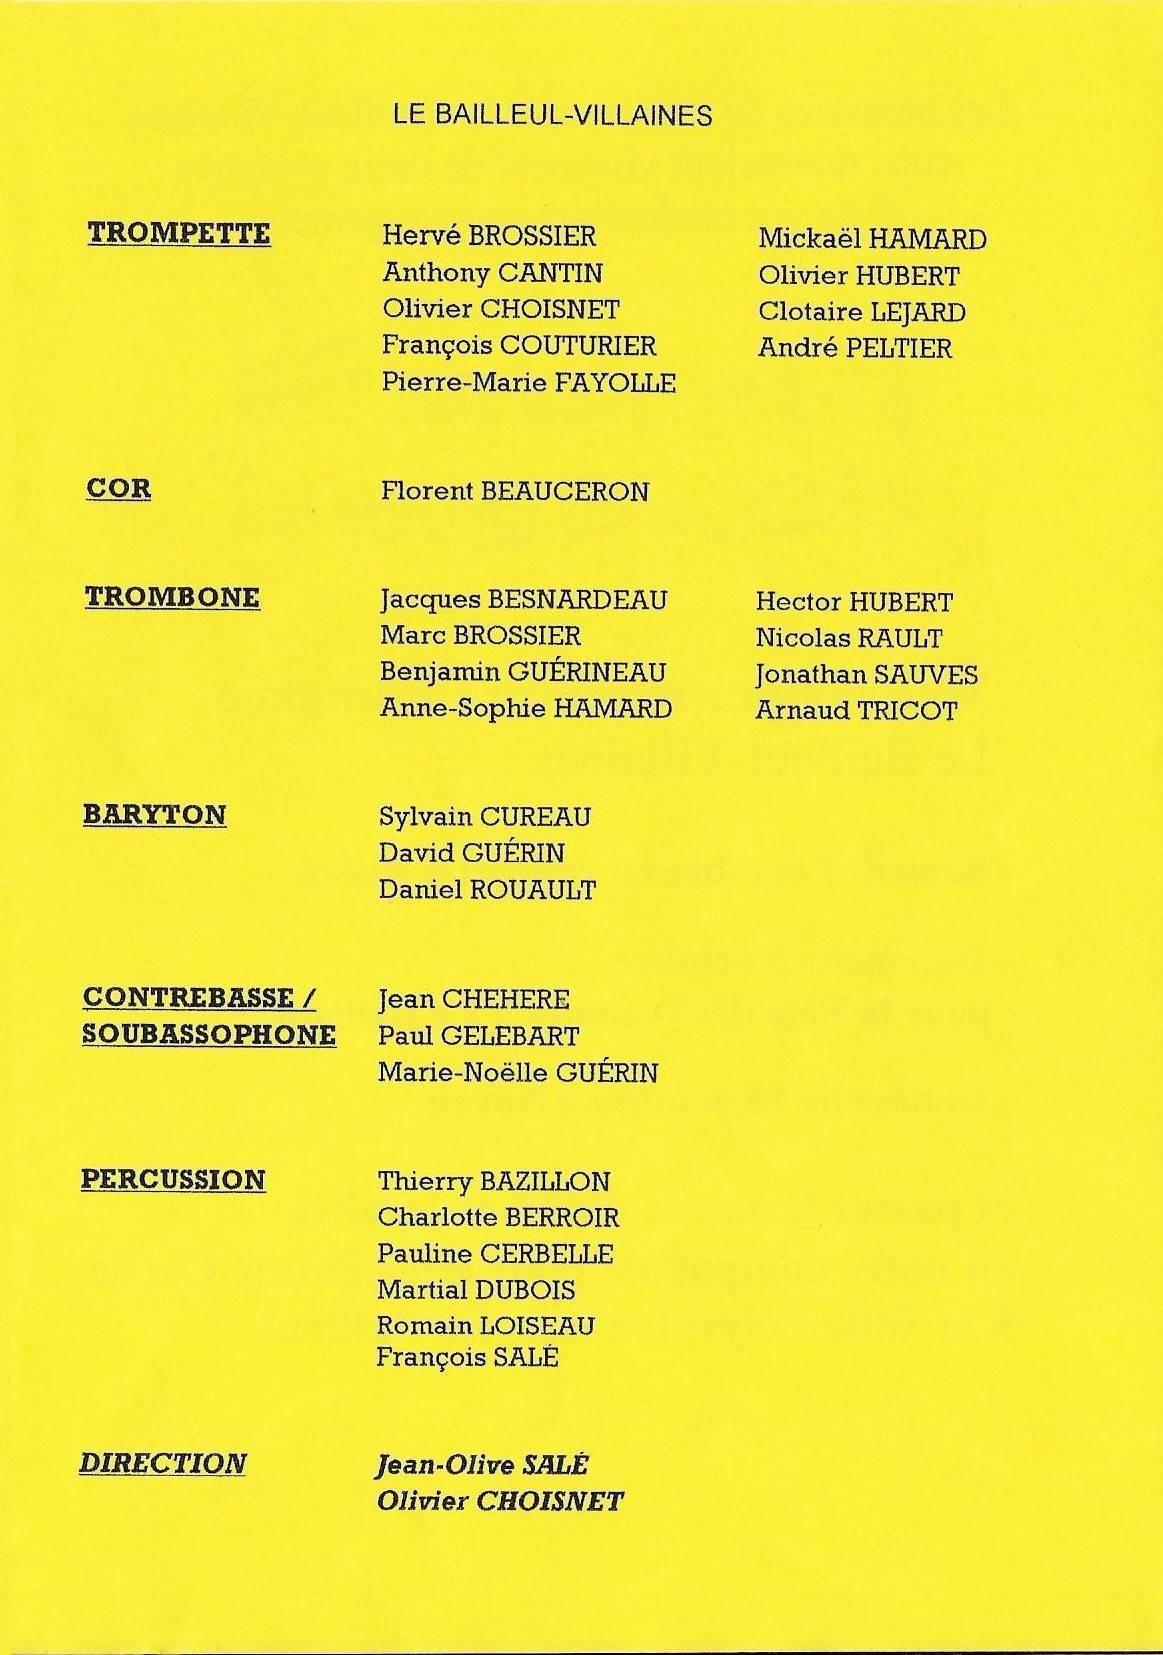 Parce Sur Sarthe Concert De L Harmonie Le Bailleul Villaines